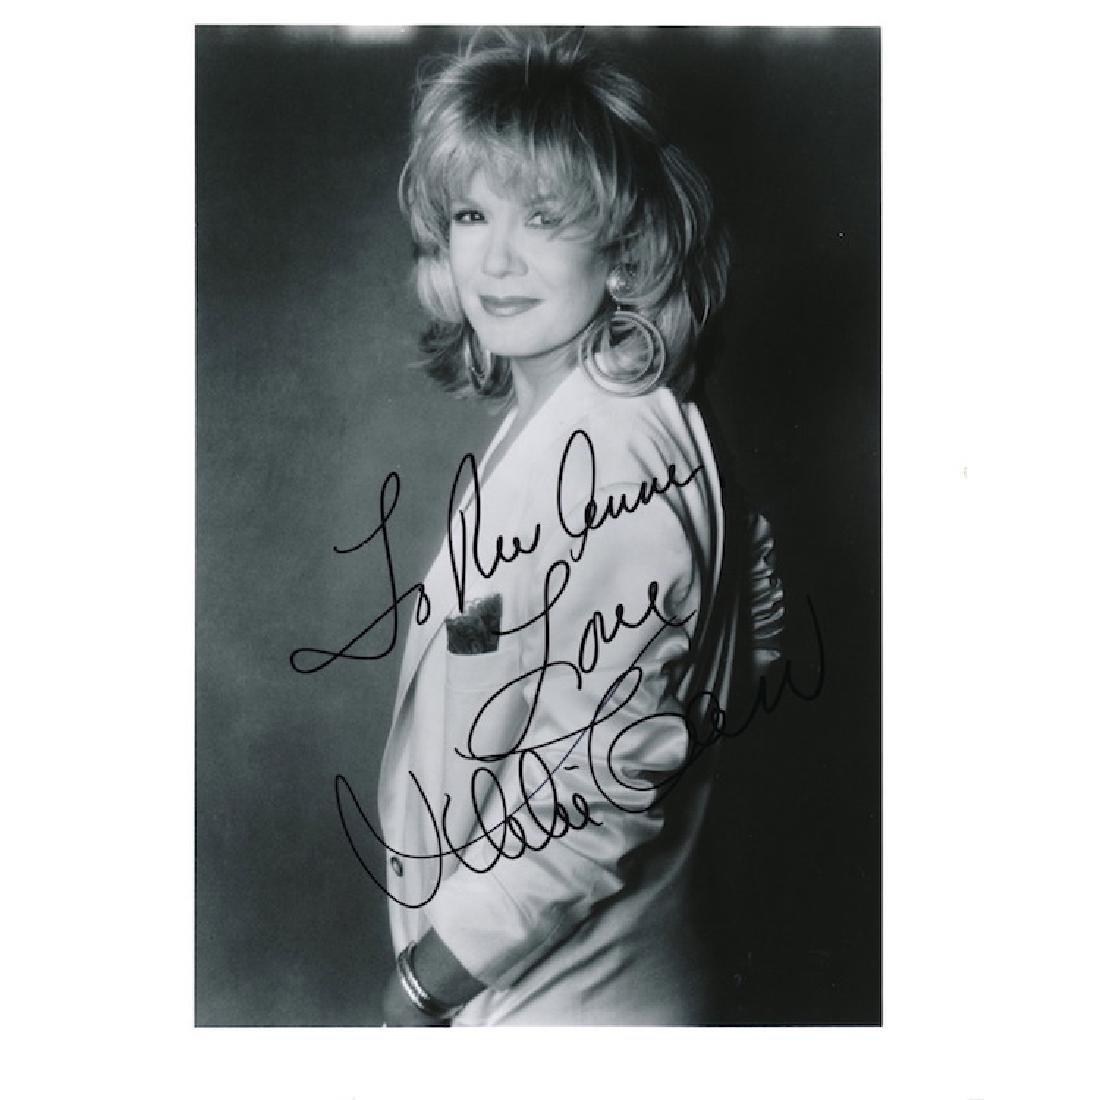 Vikki Carr Autographed Photograph